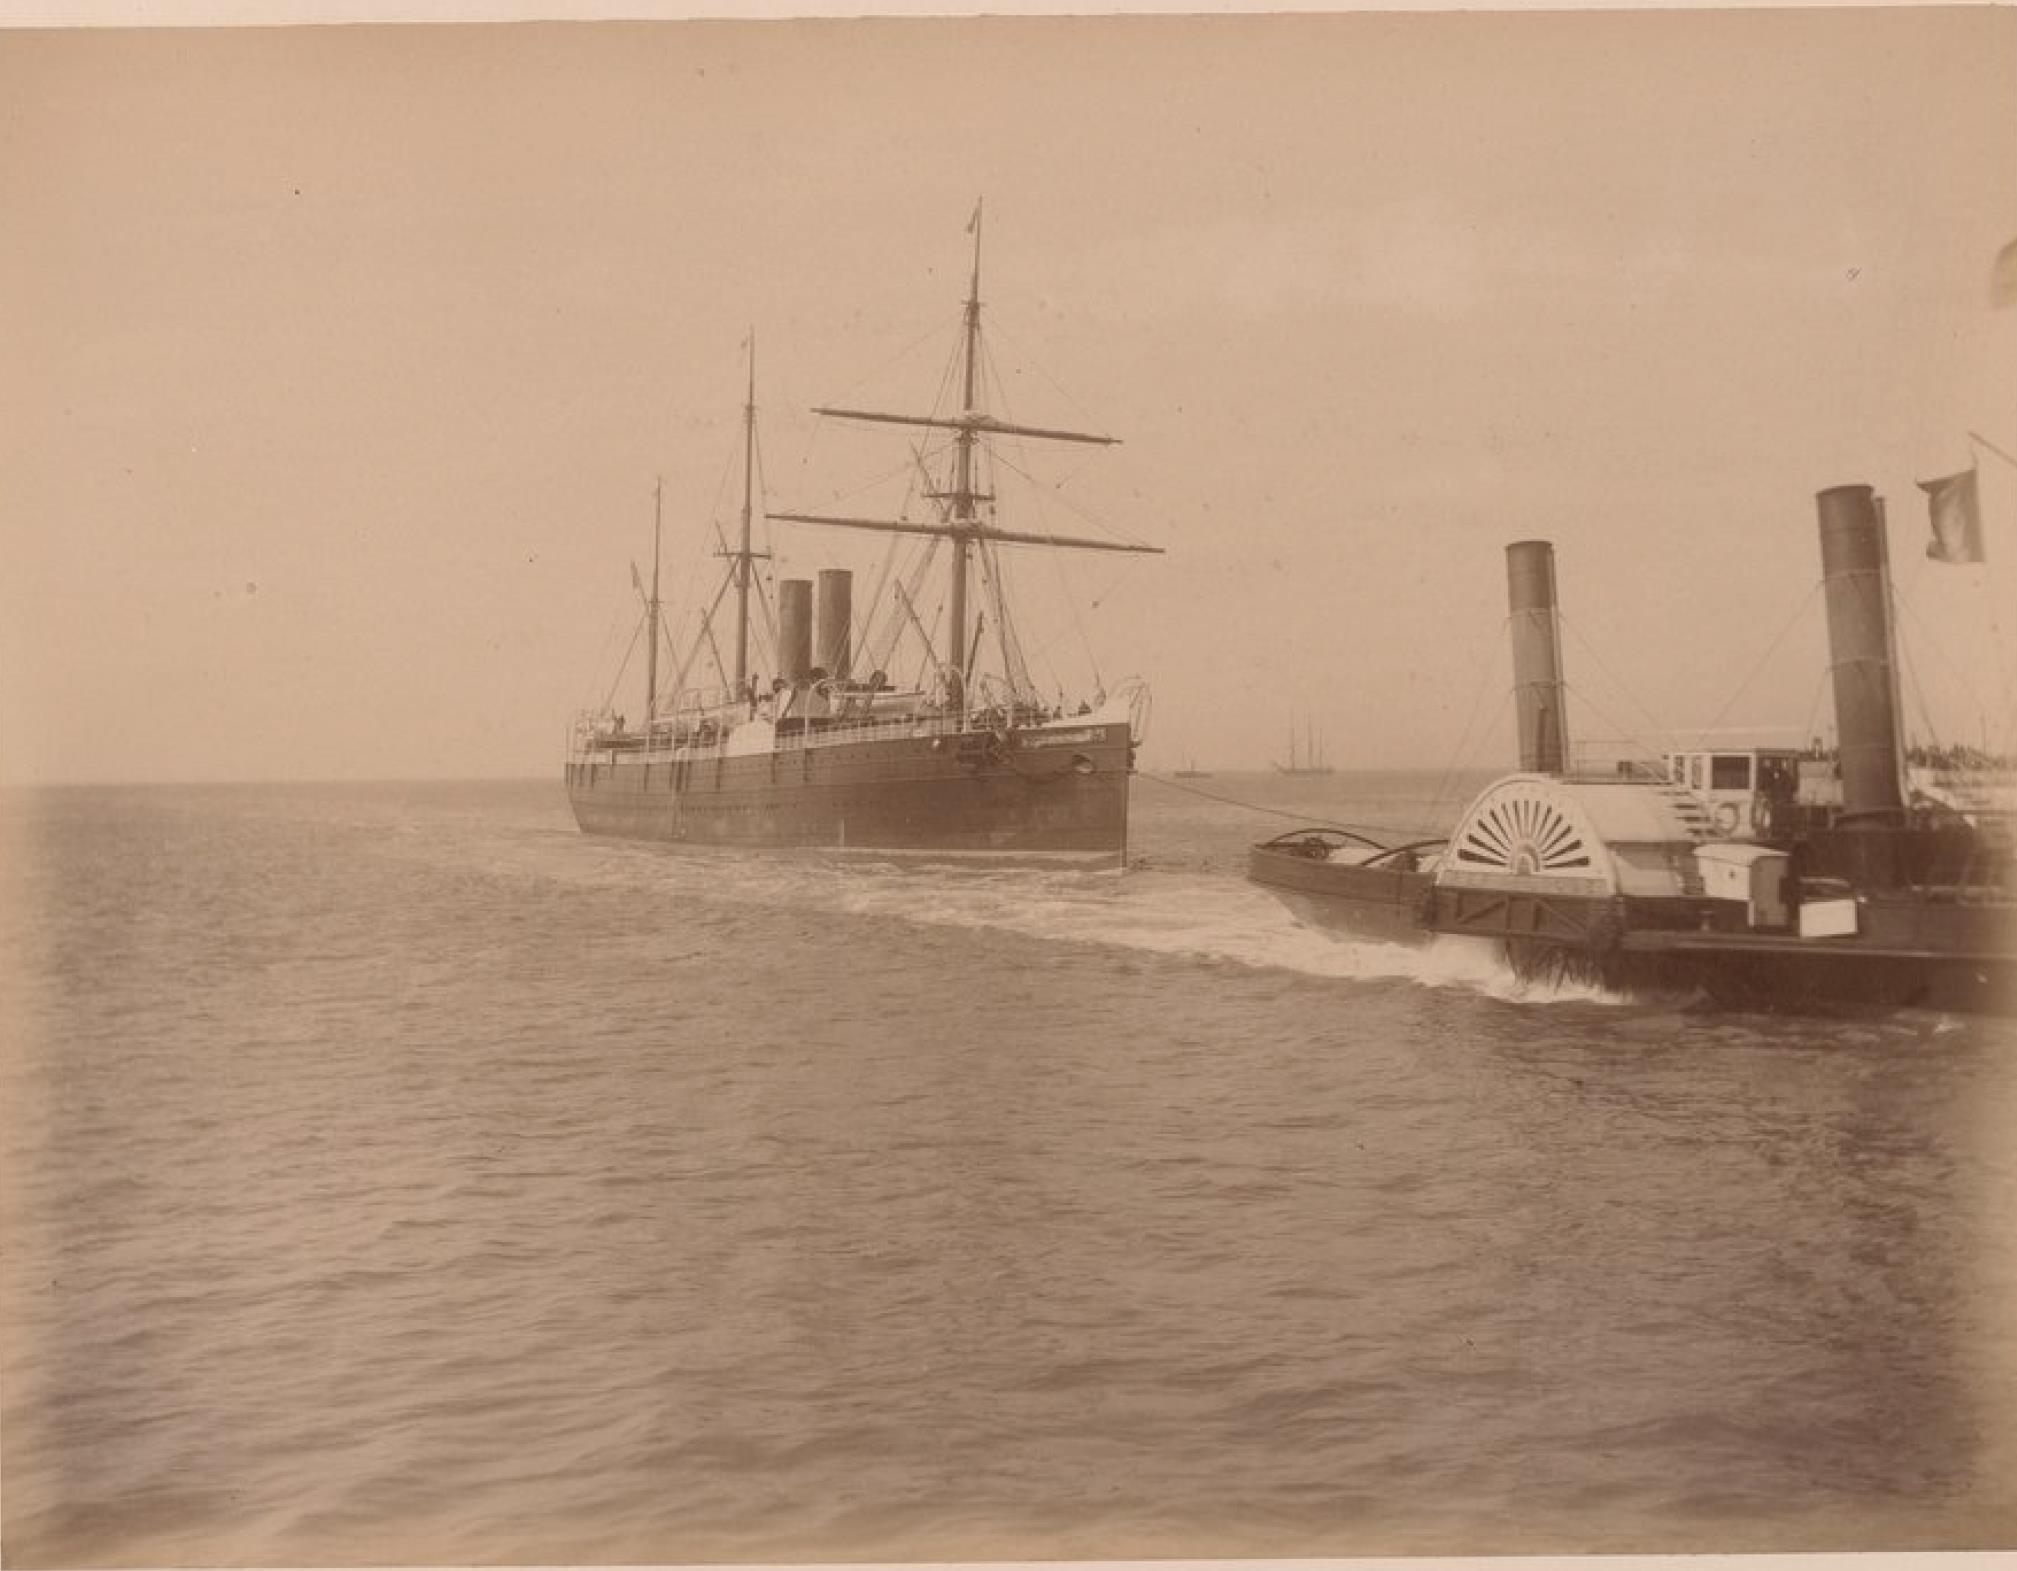 Трансатлантическая компания. Гавр. Старый пассажирский корабль «Канада». Линии Гавр - Нью-Йорк и Гавр - Колон